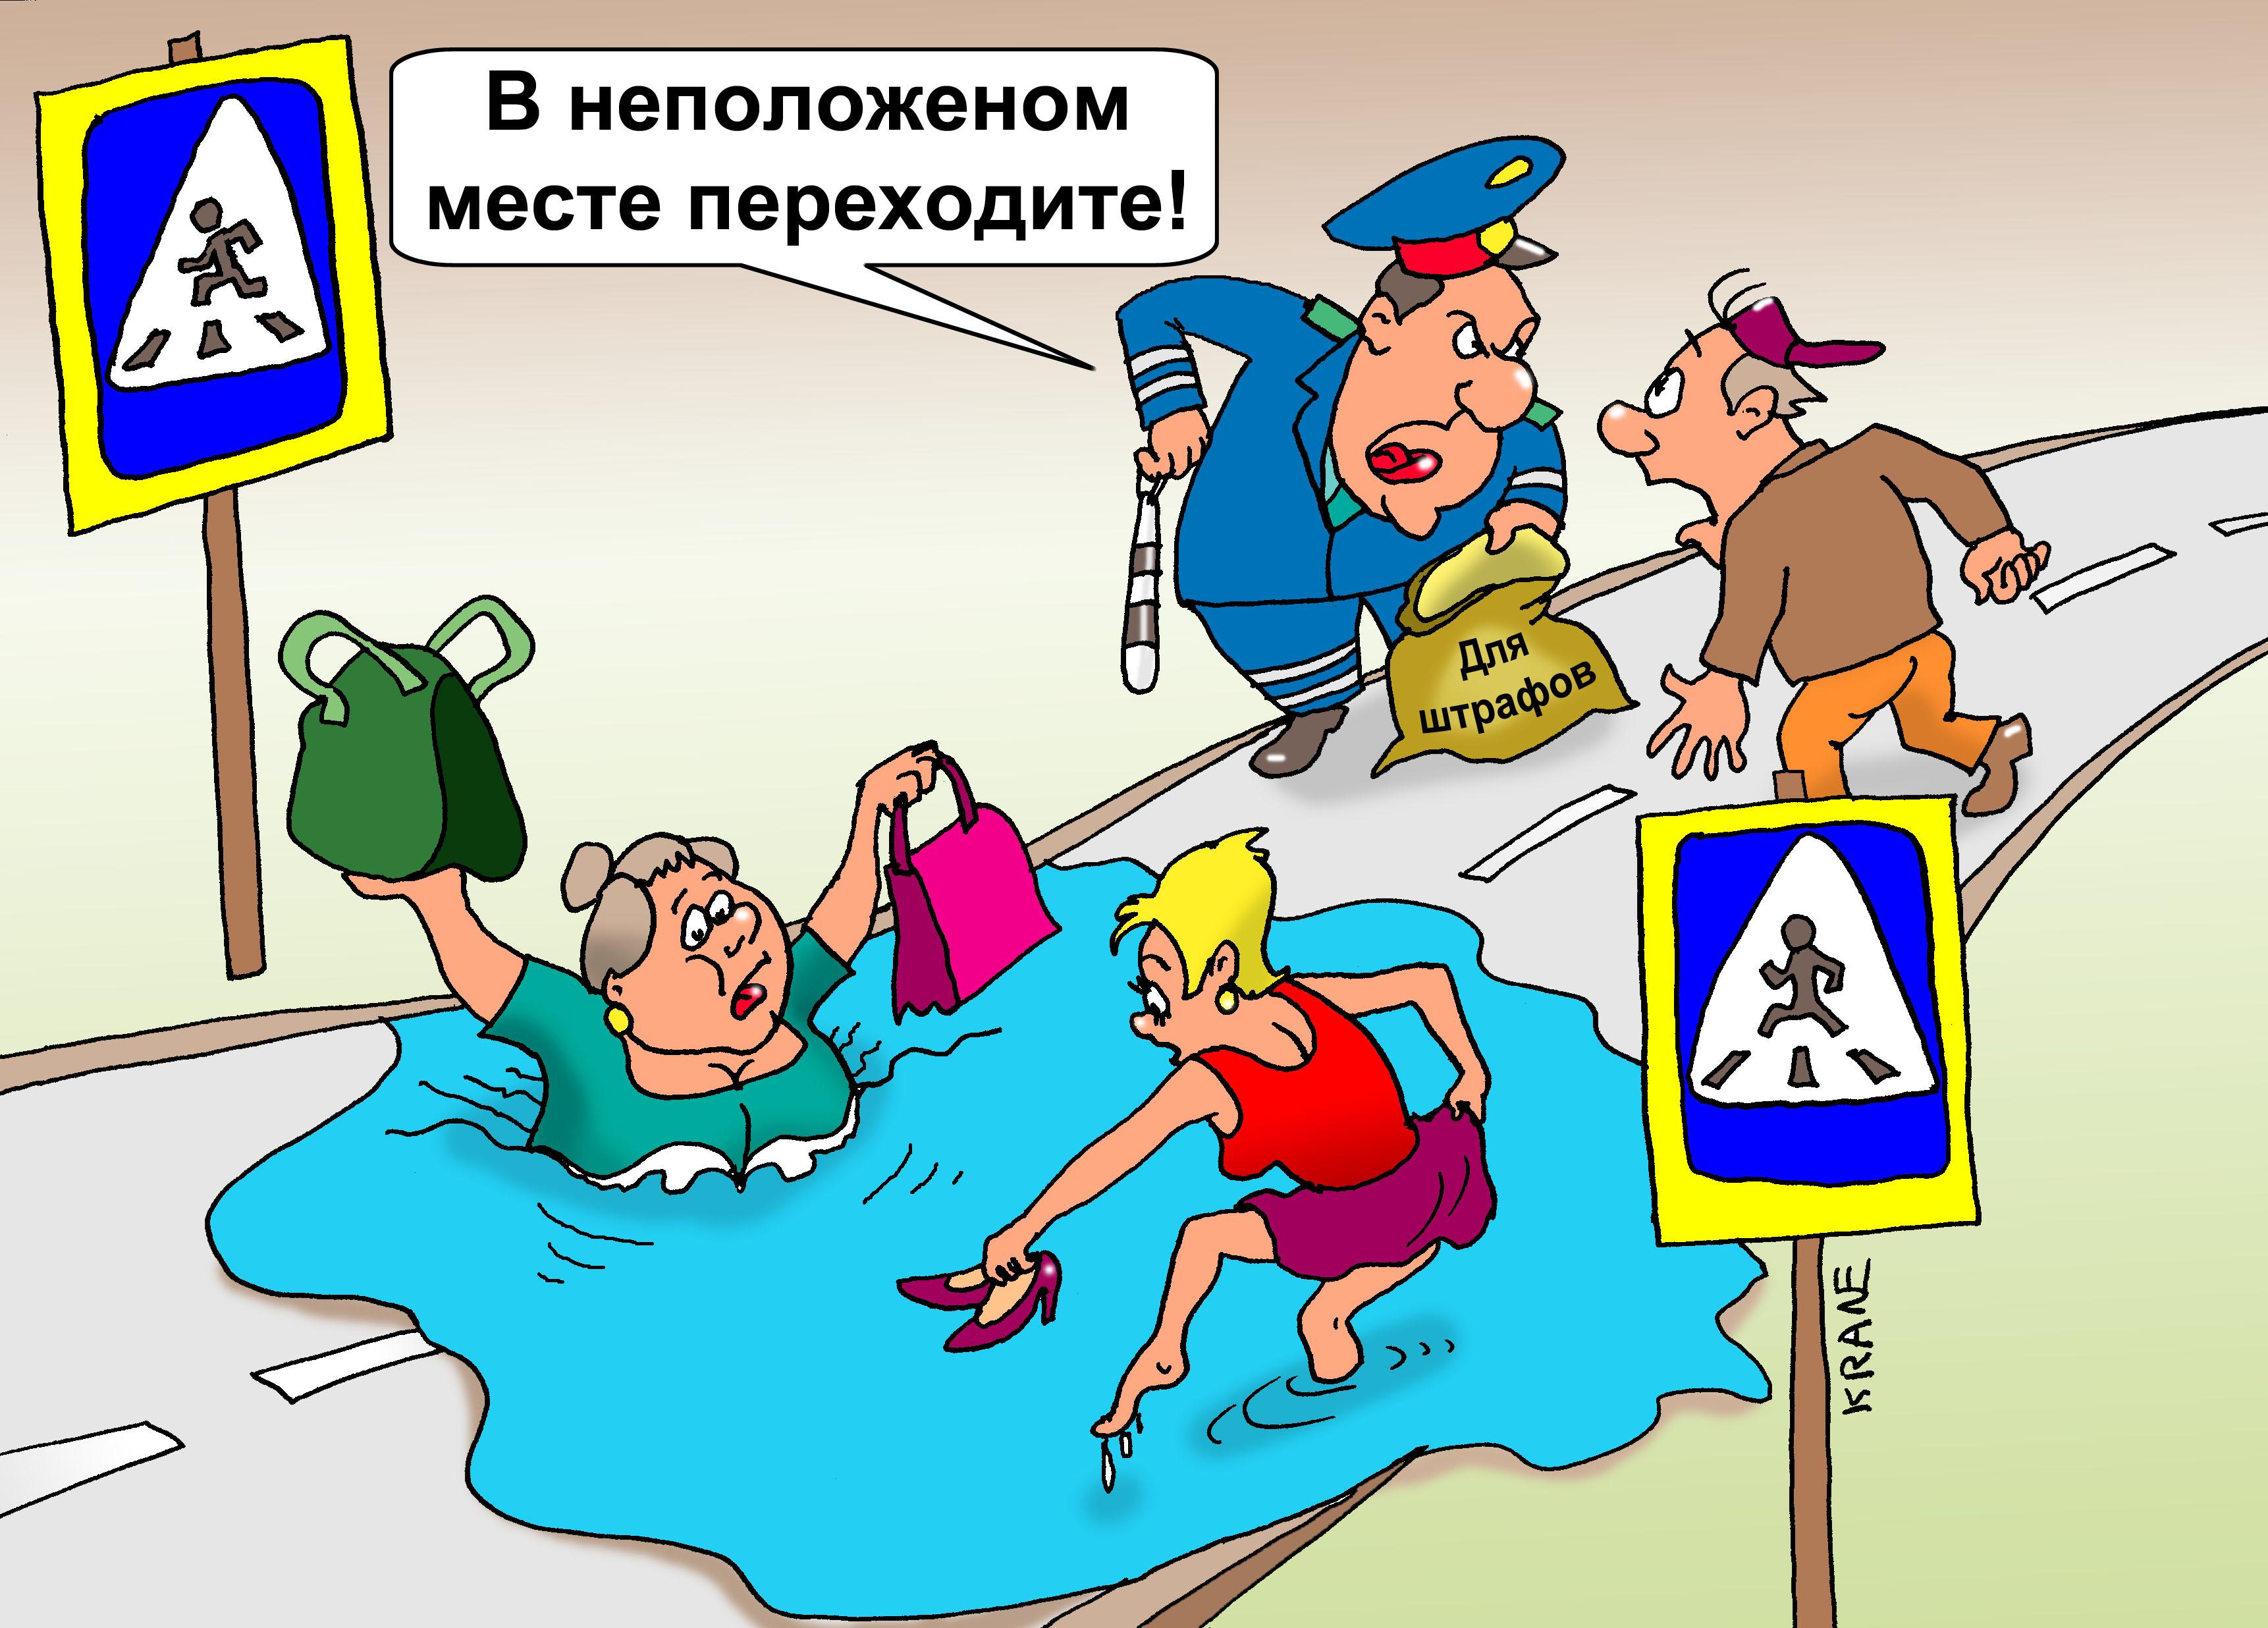 Картинки приколы по пдд, белорусских национальных